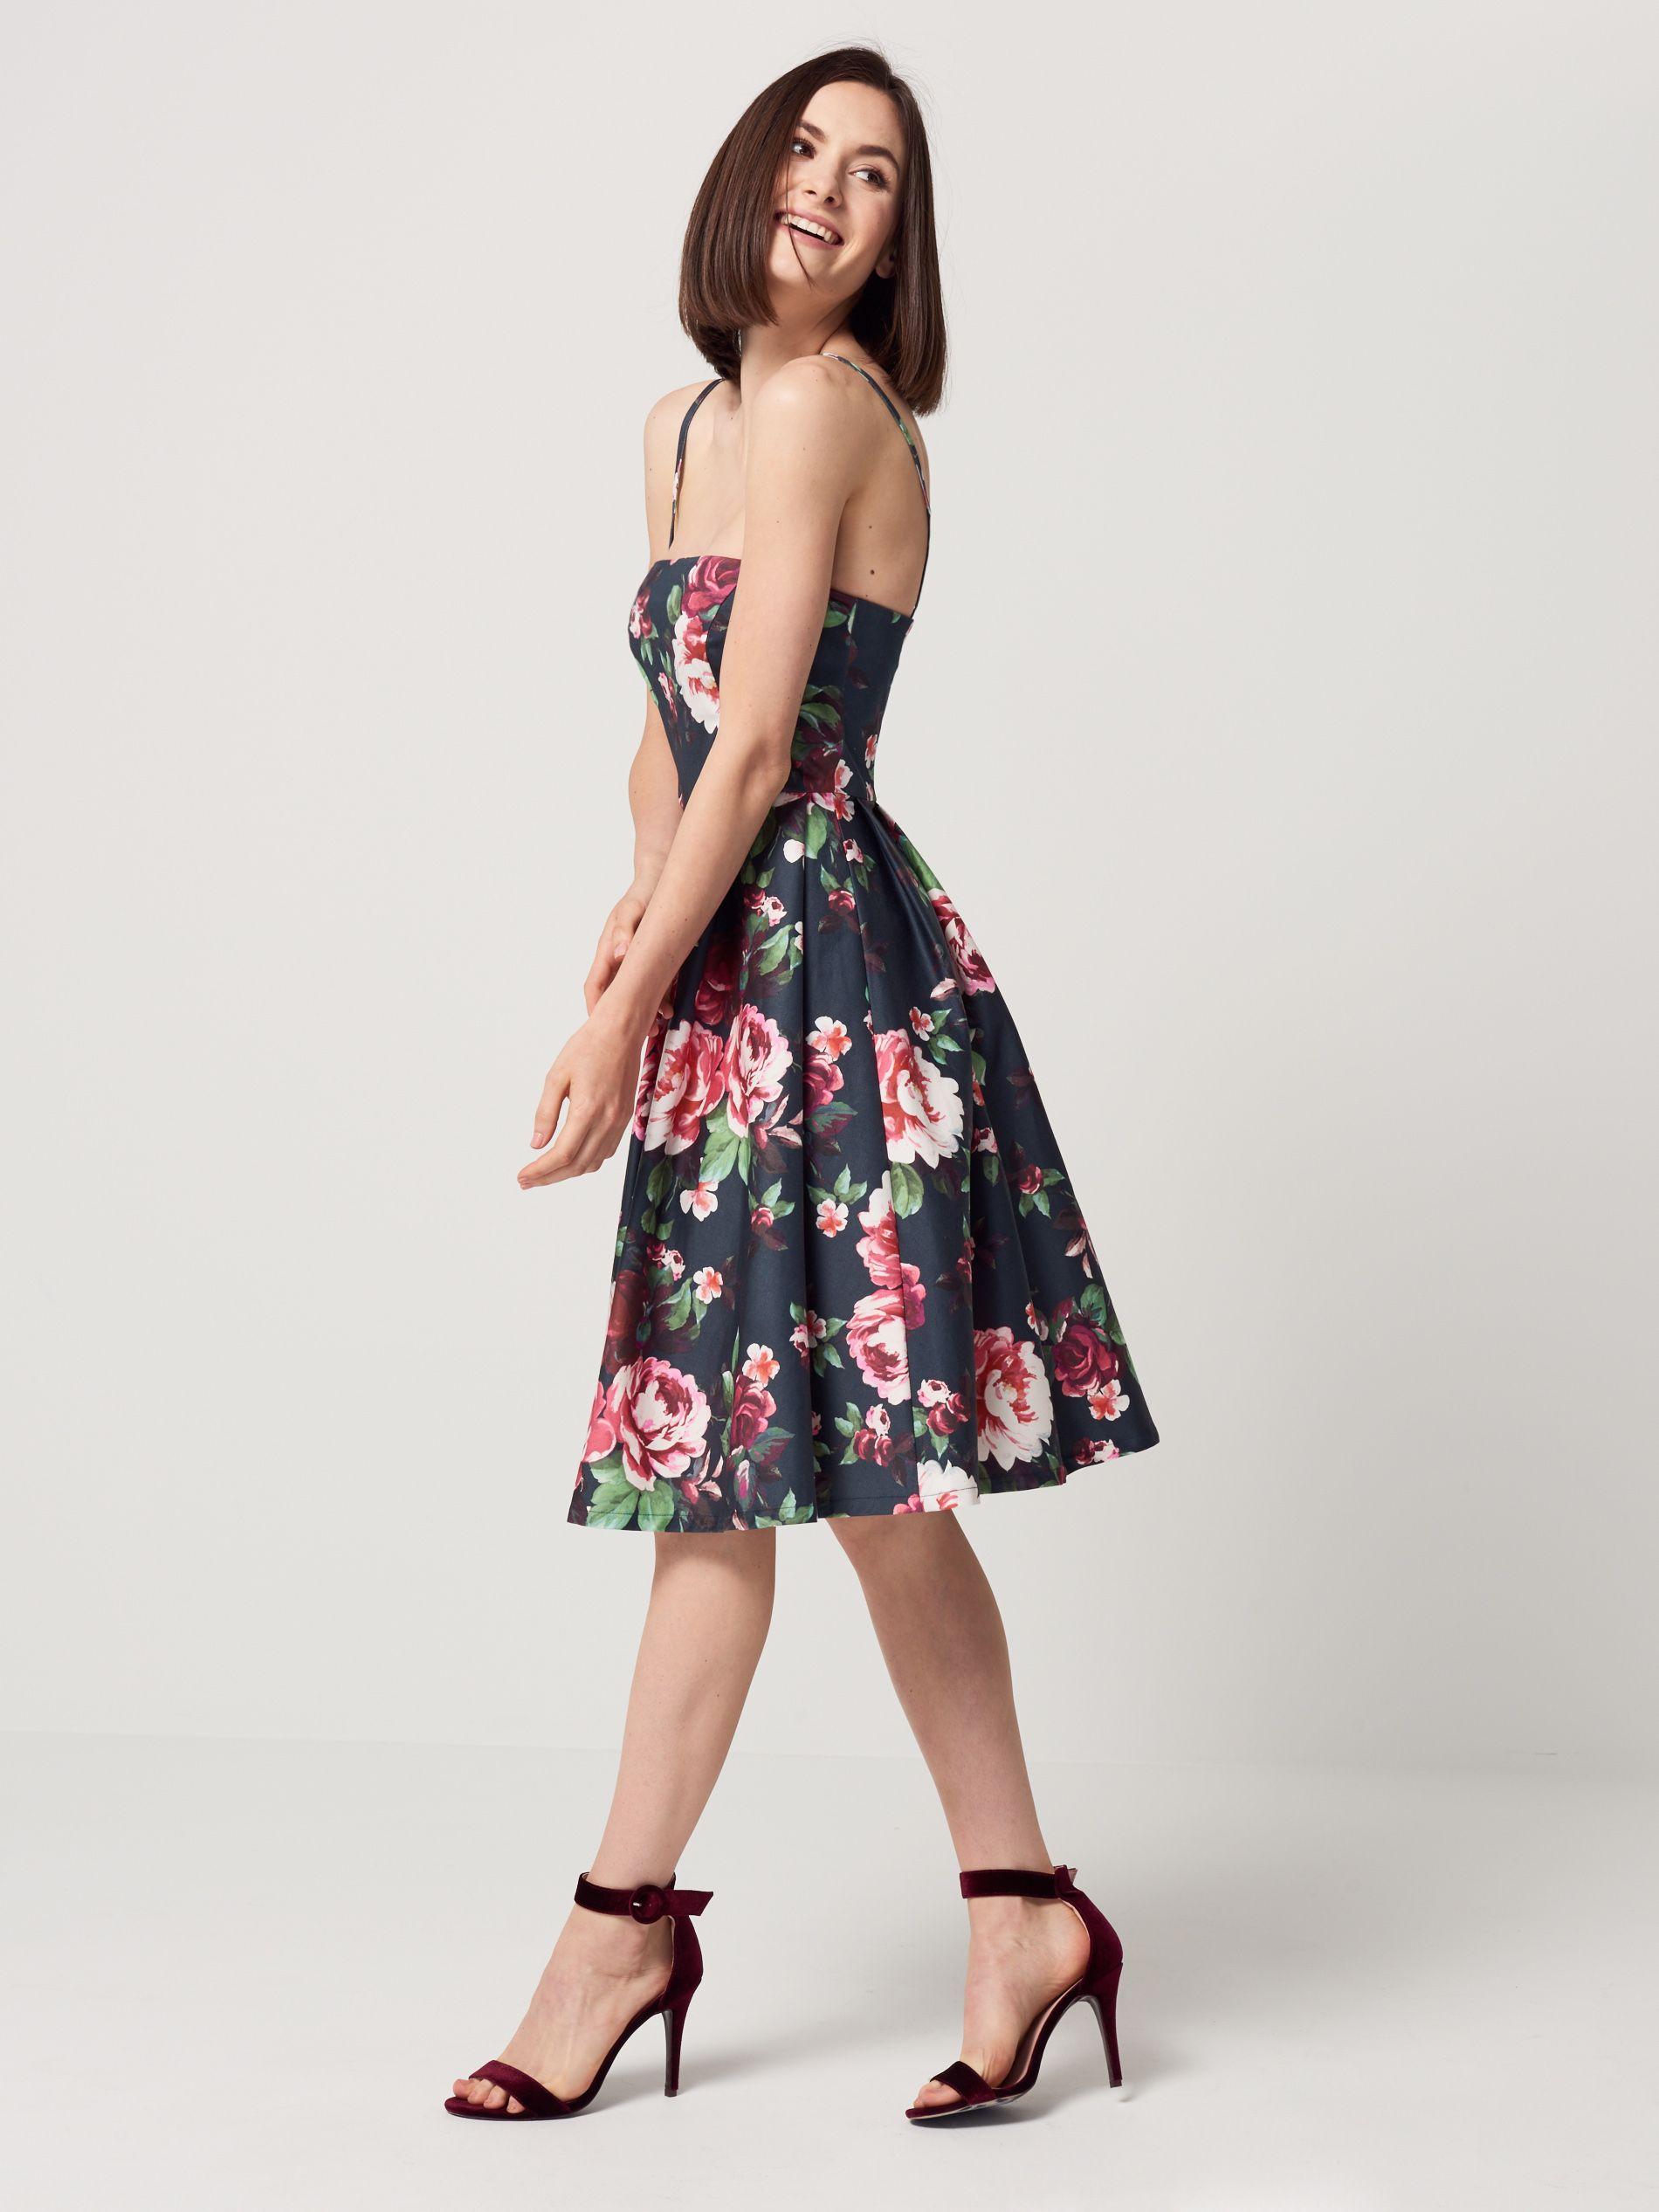 063acbe9a6 Gorsetowa sukienka z rozkloszowanym dołem